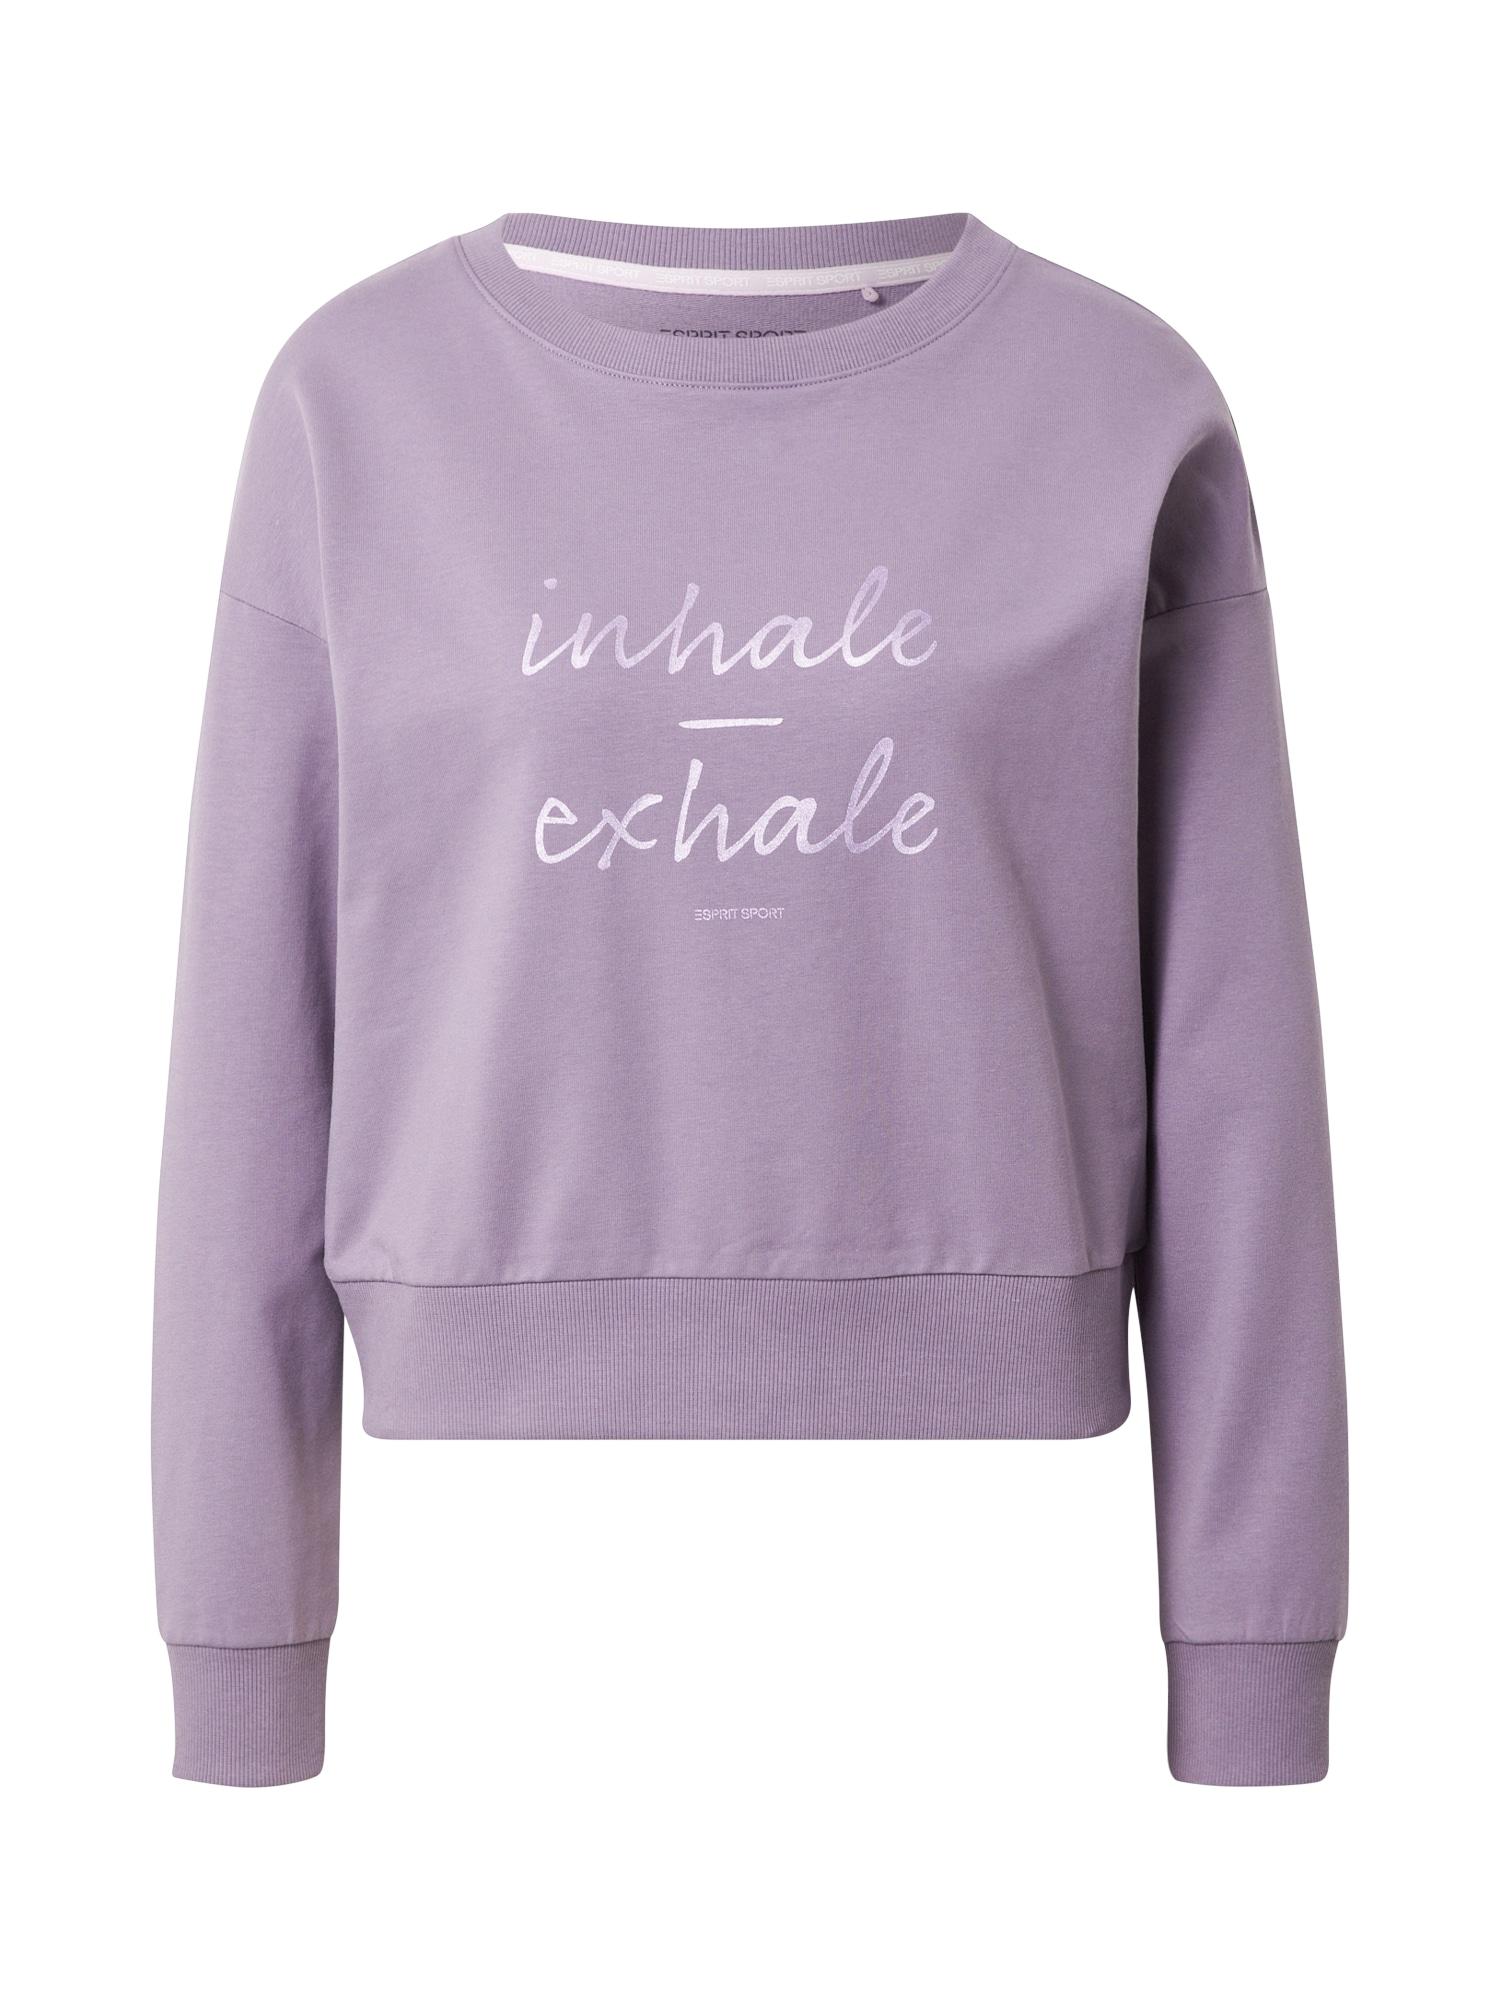 ESPRIT SPORT Sportinio tipo megztinis rausvai violetinė spalva / balta